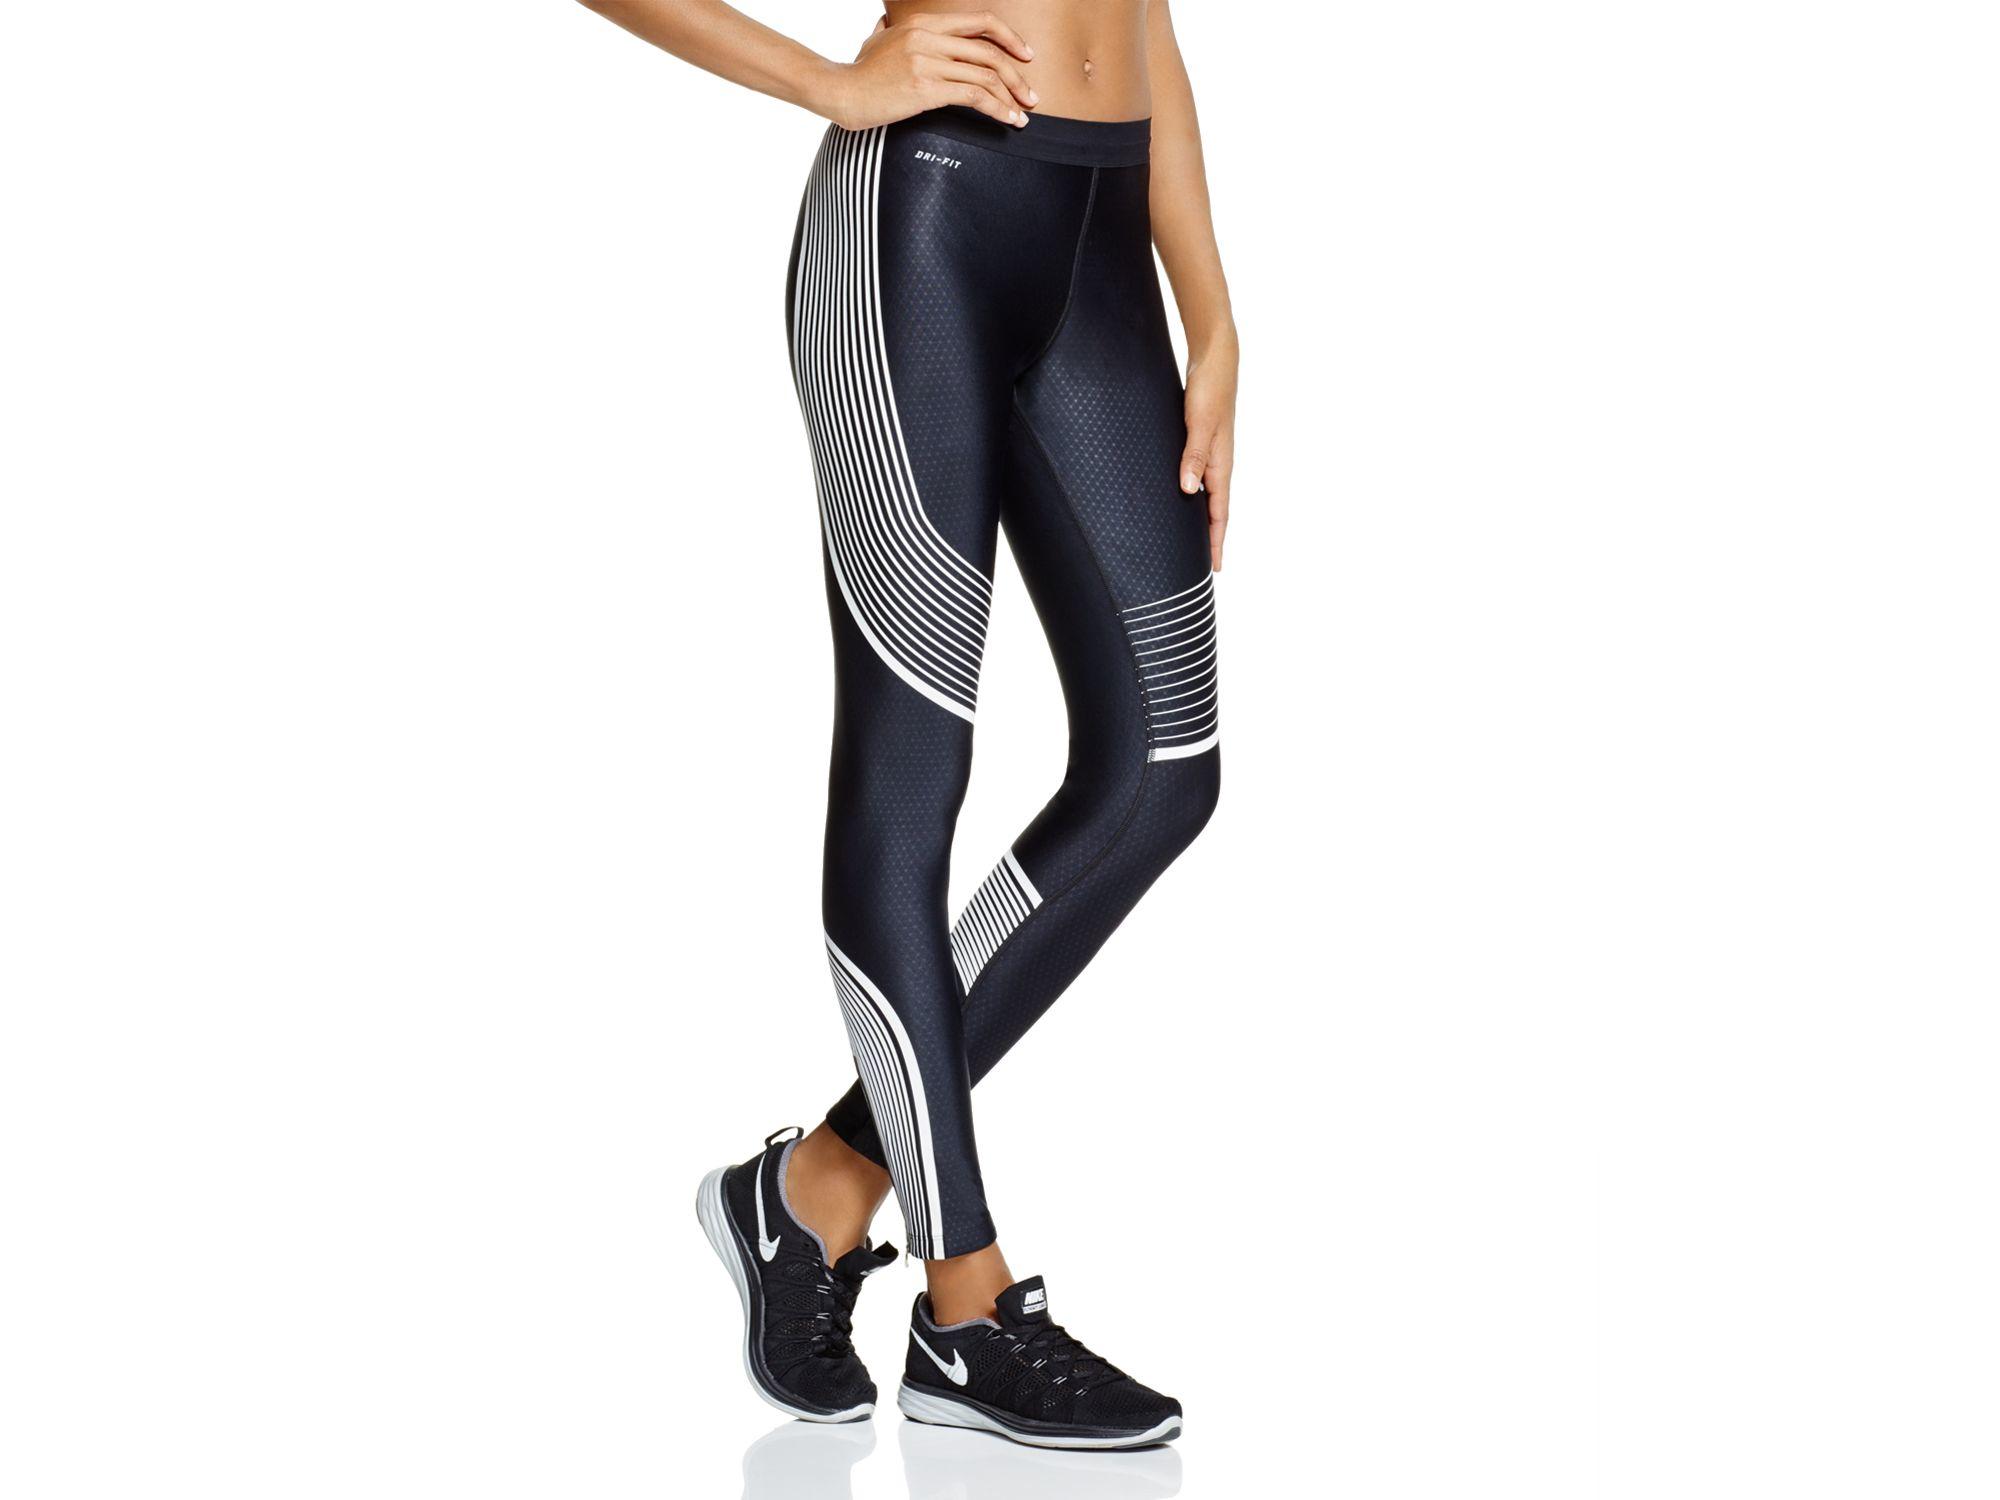 nike air max thea vert - Nike Power Speed Leggings in Black | Lyst